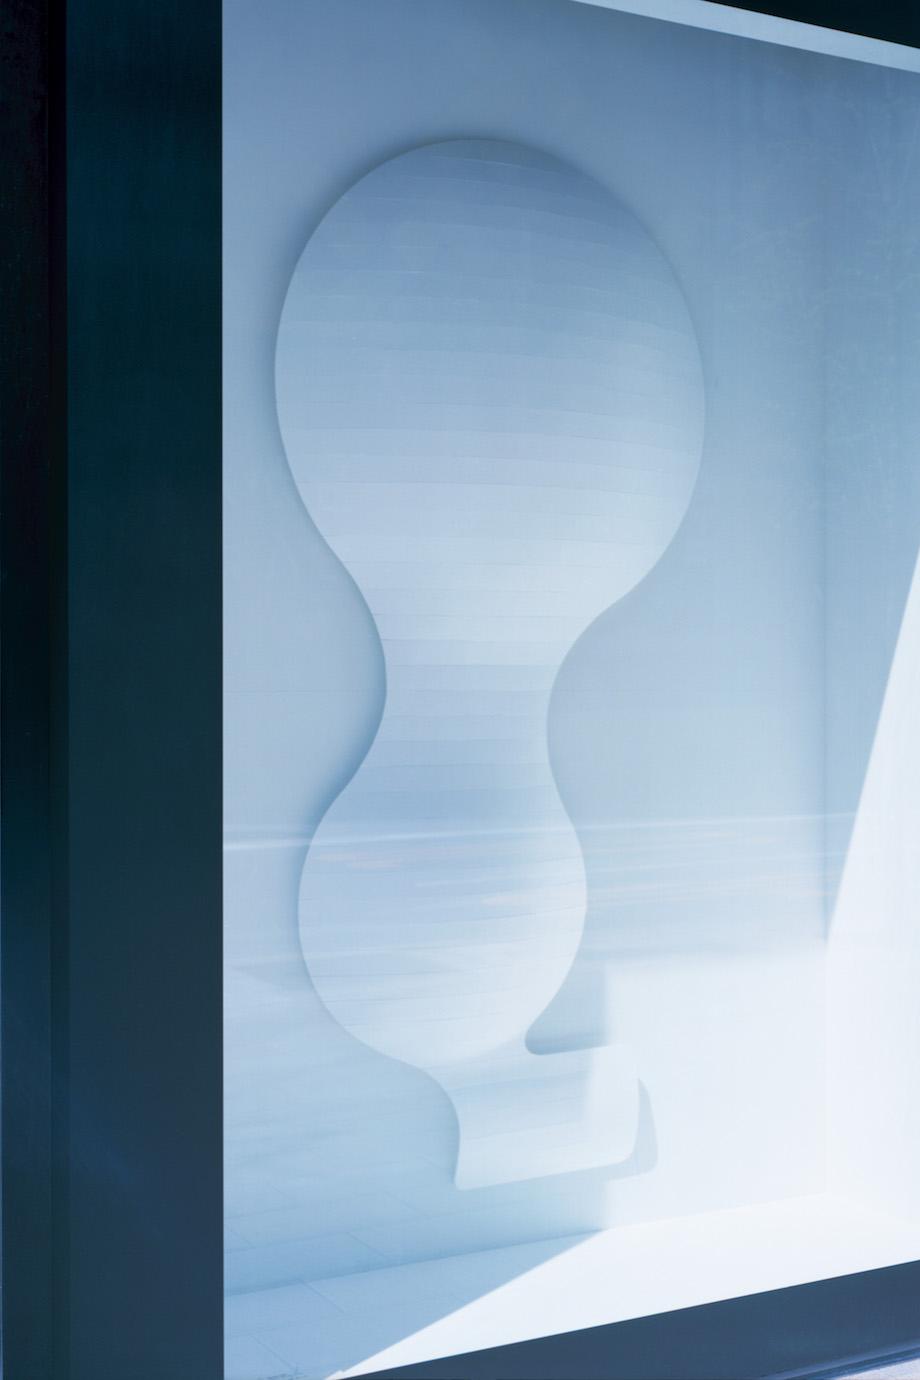 銀座資生堂〈SHISEIDO THE STORE WINDOW GALLERY〉妹島和世ウィンドーディスプレイ展示